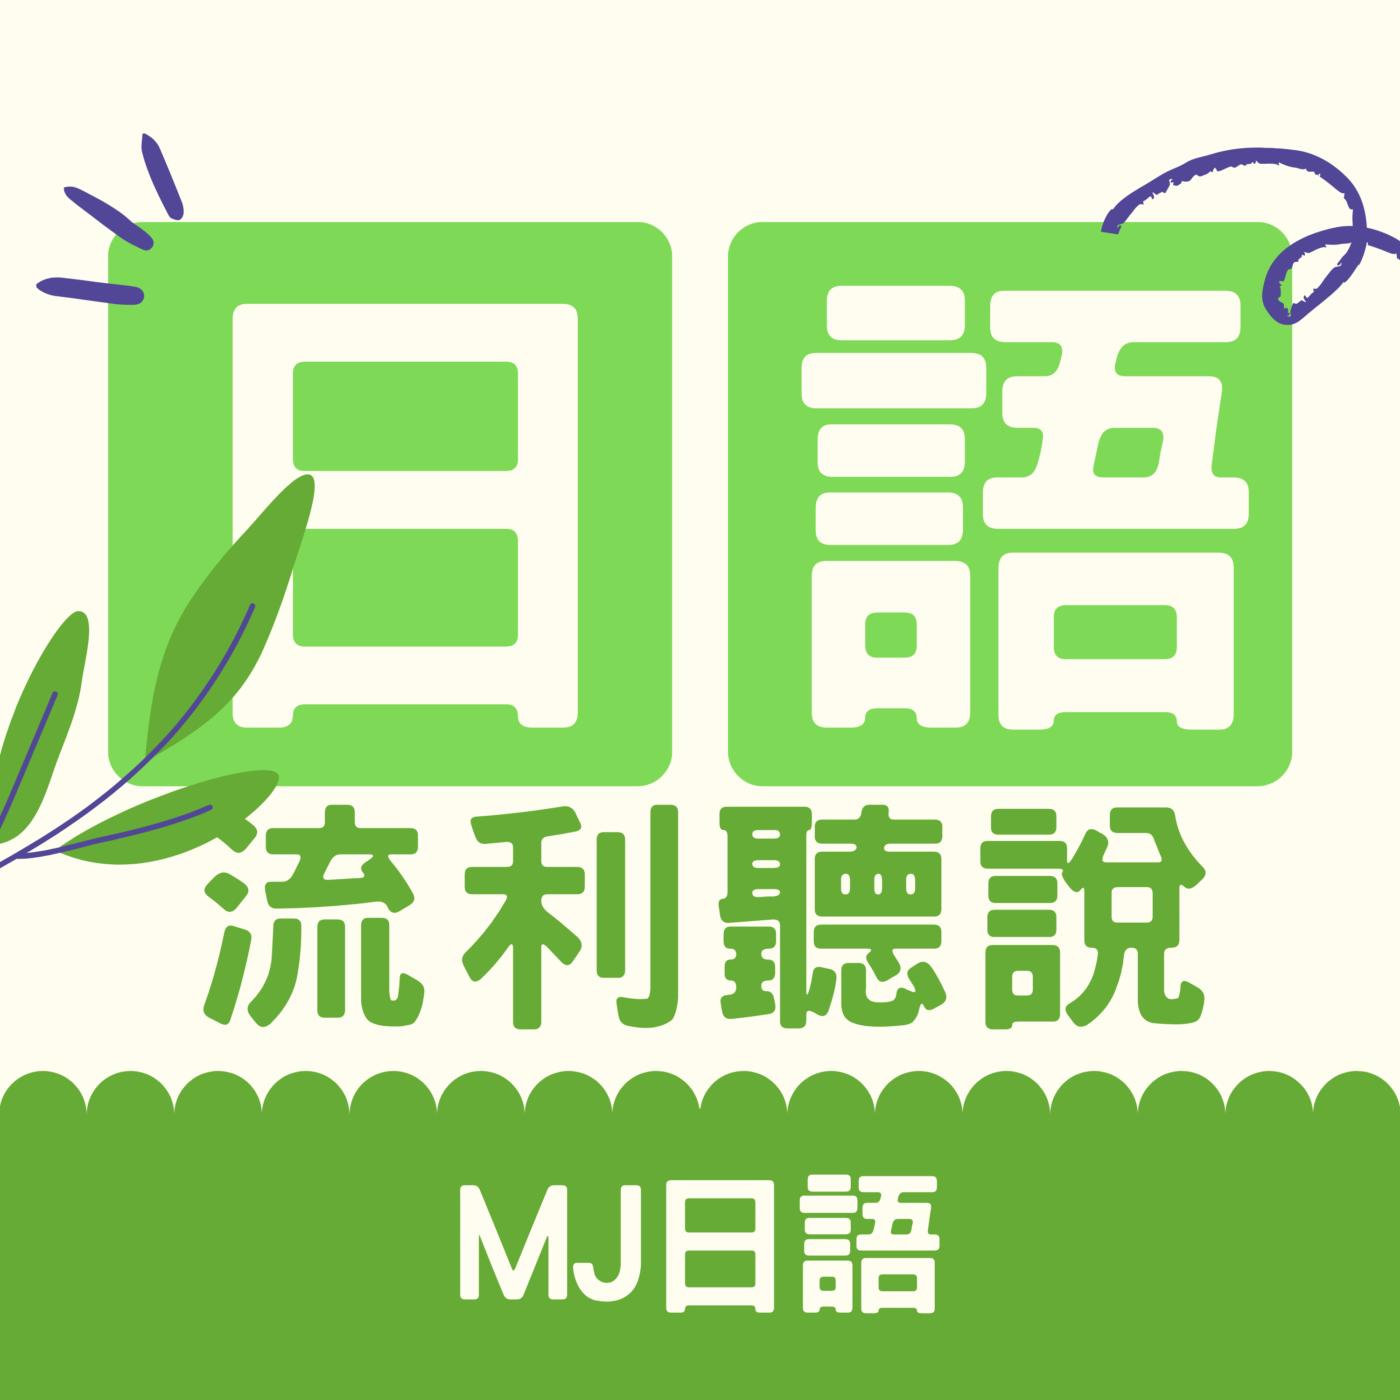 Ep.41 | (常速➡️慢速)踏出說日語的第一步  從簡單的疑問句開始 | 疑問極短句30